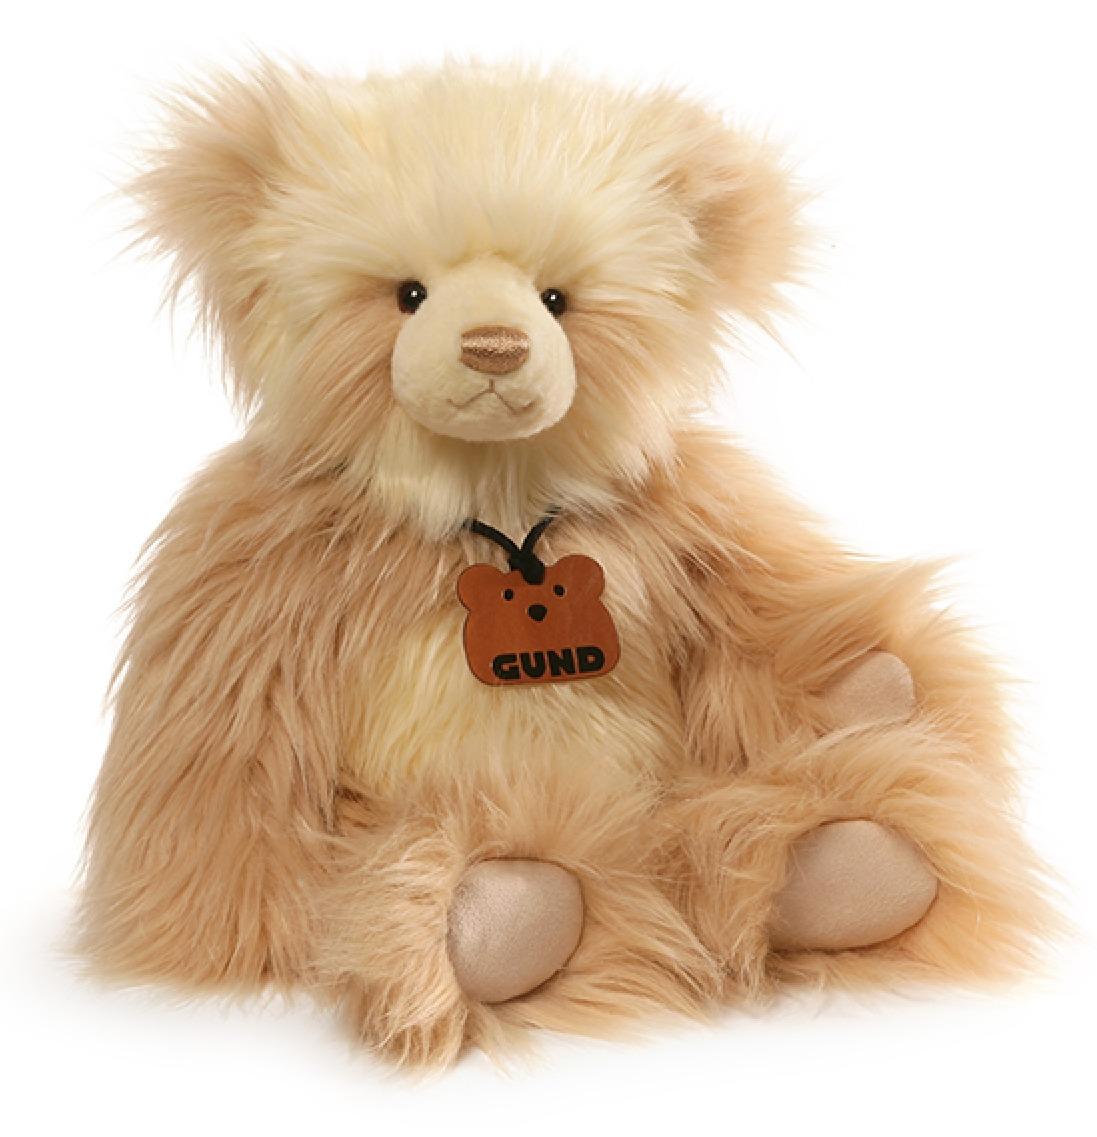 Gund: Floe Bear Plush (25cm) image